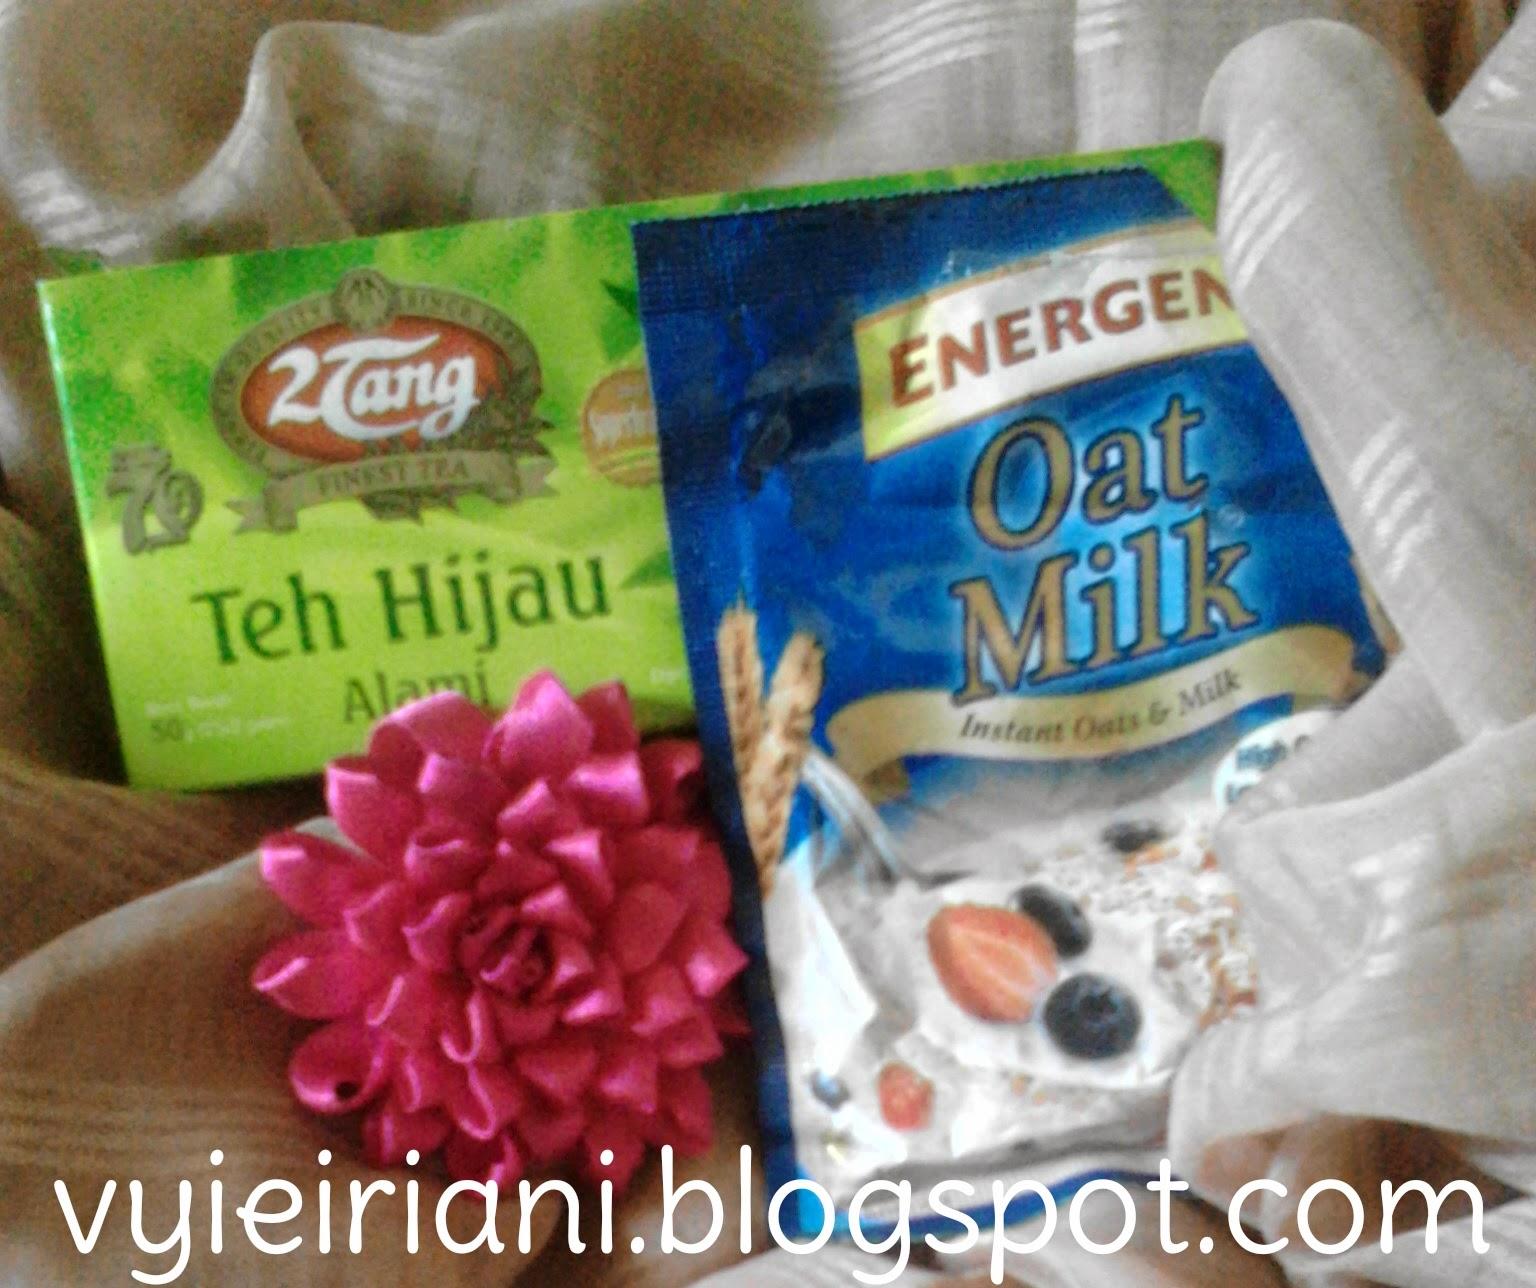 masker greentea+oatmilk | Vyie